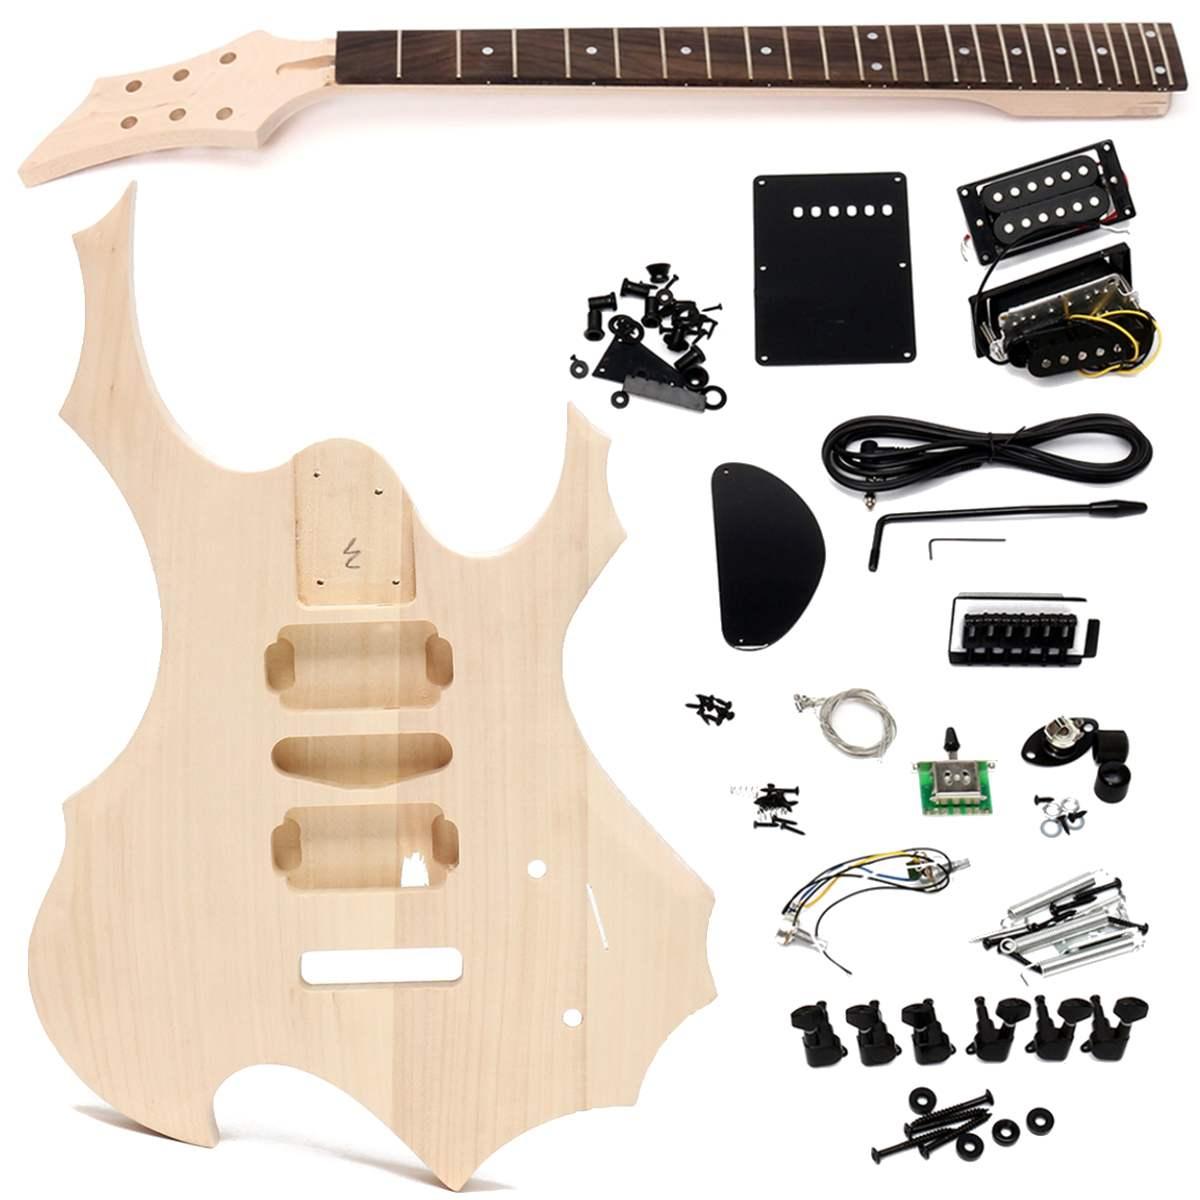 Inachevé Basswood guitare électrique enfants fait à la main bricolage Instrument de musique guitare corps cou chaîne Kits enfants jouet éducatif